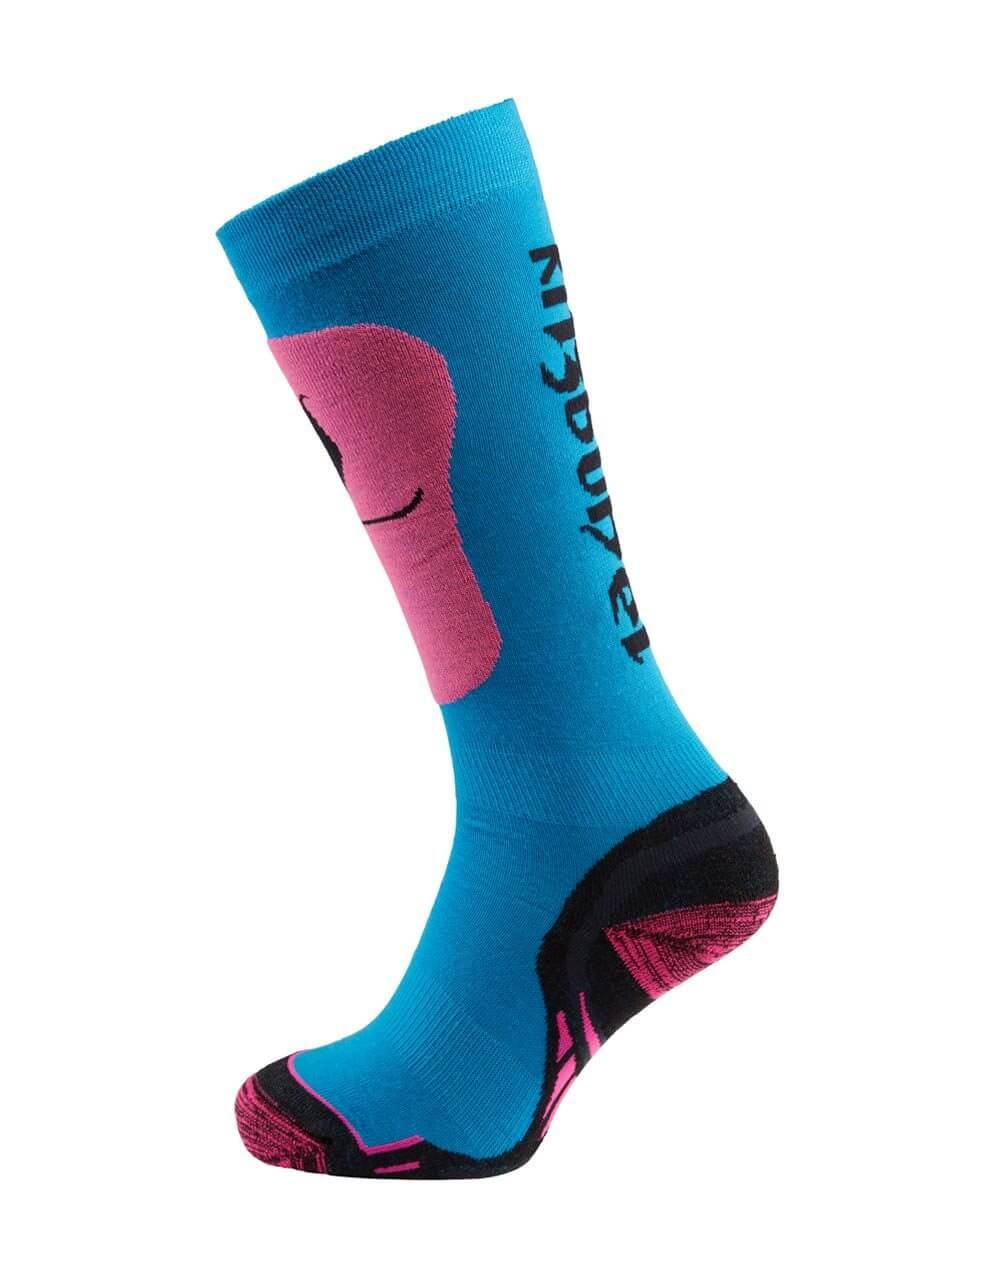 726038241 Skisocken Damen neon pink blau 2